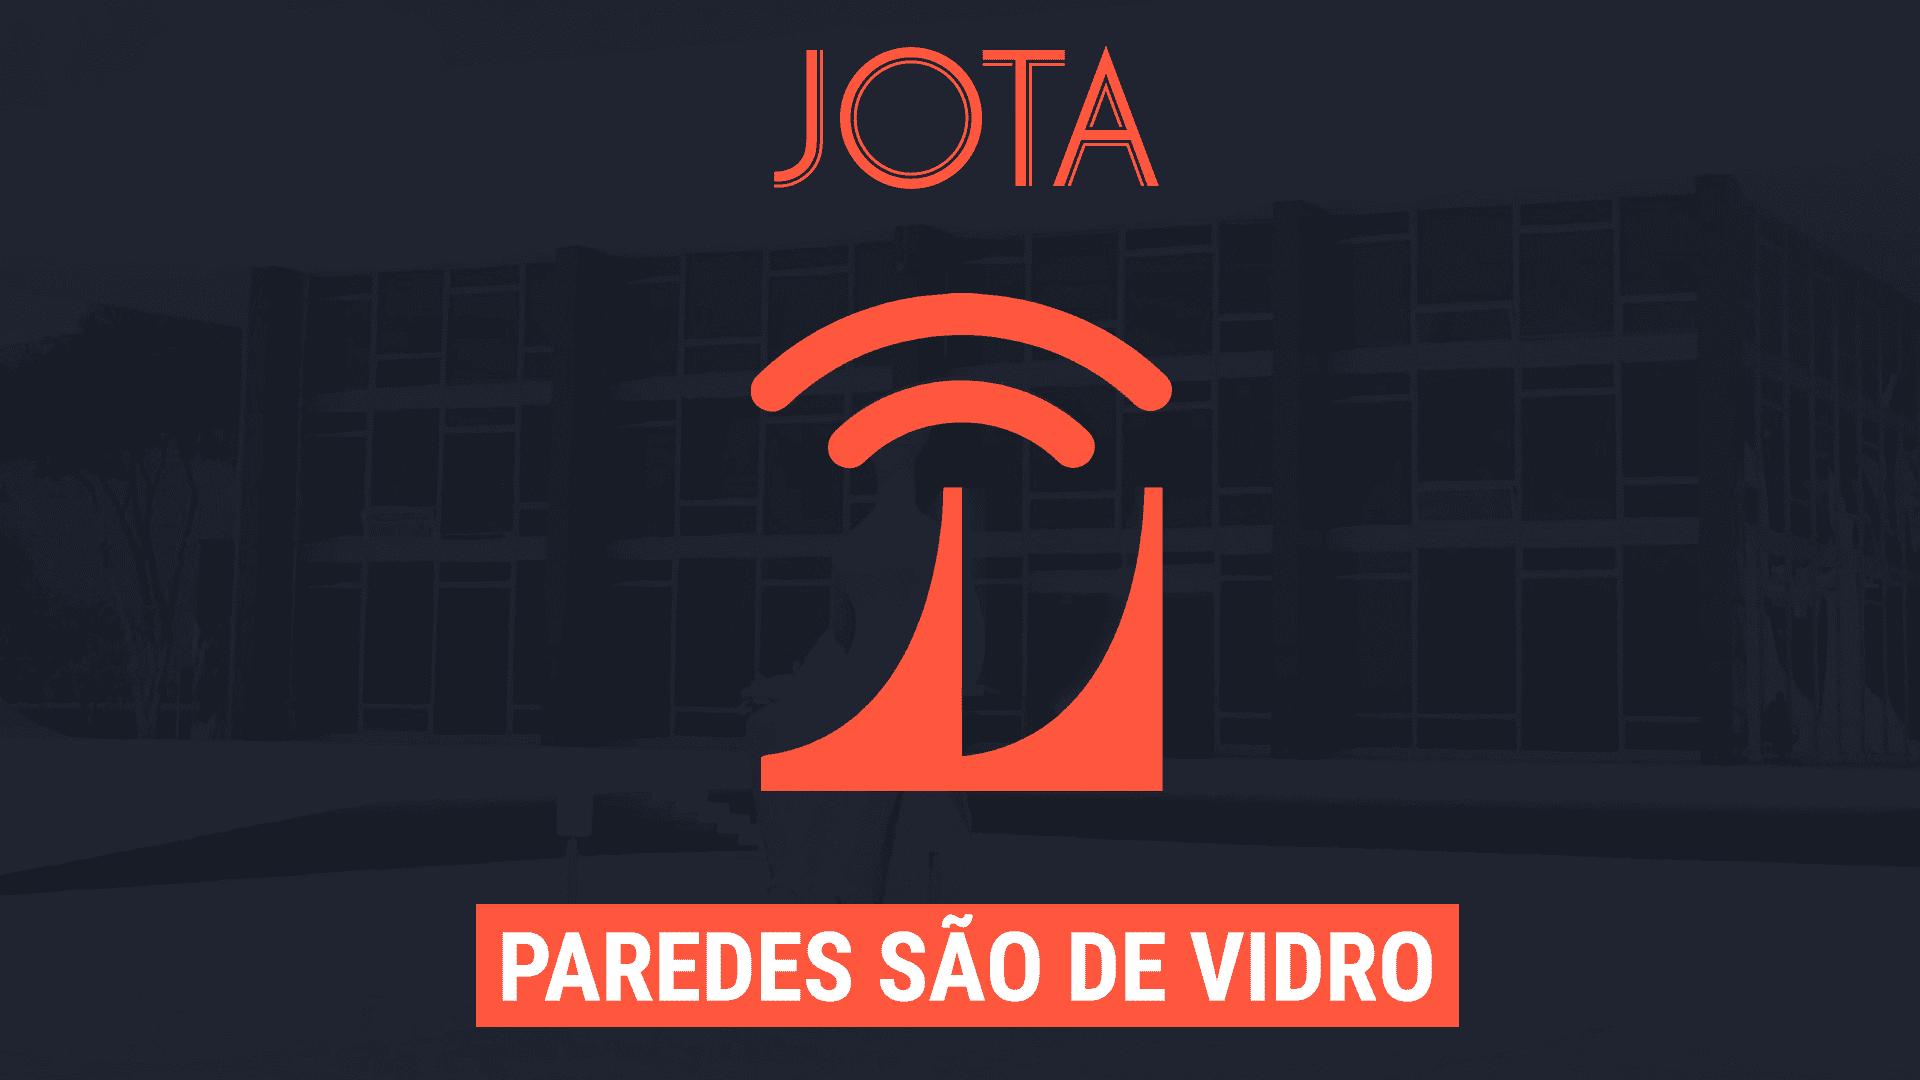 Novo podcast do JOTA analisa como o STF passou de desconhecido a protagonista